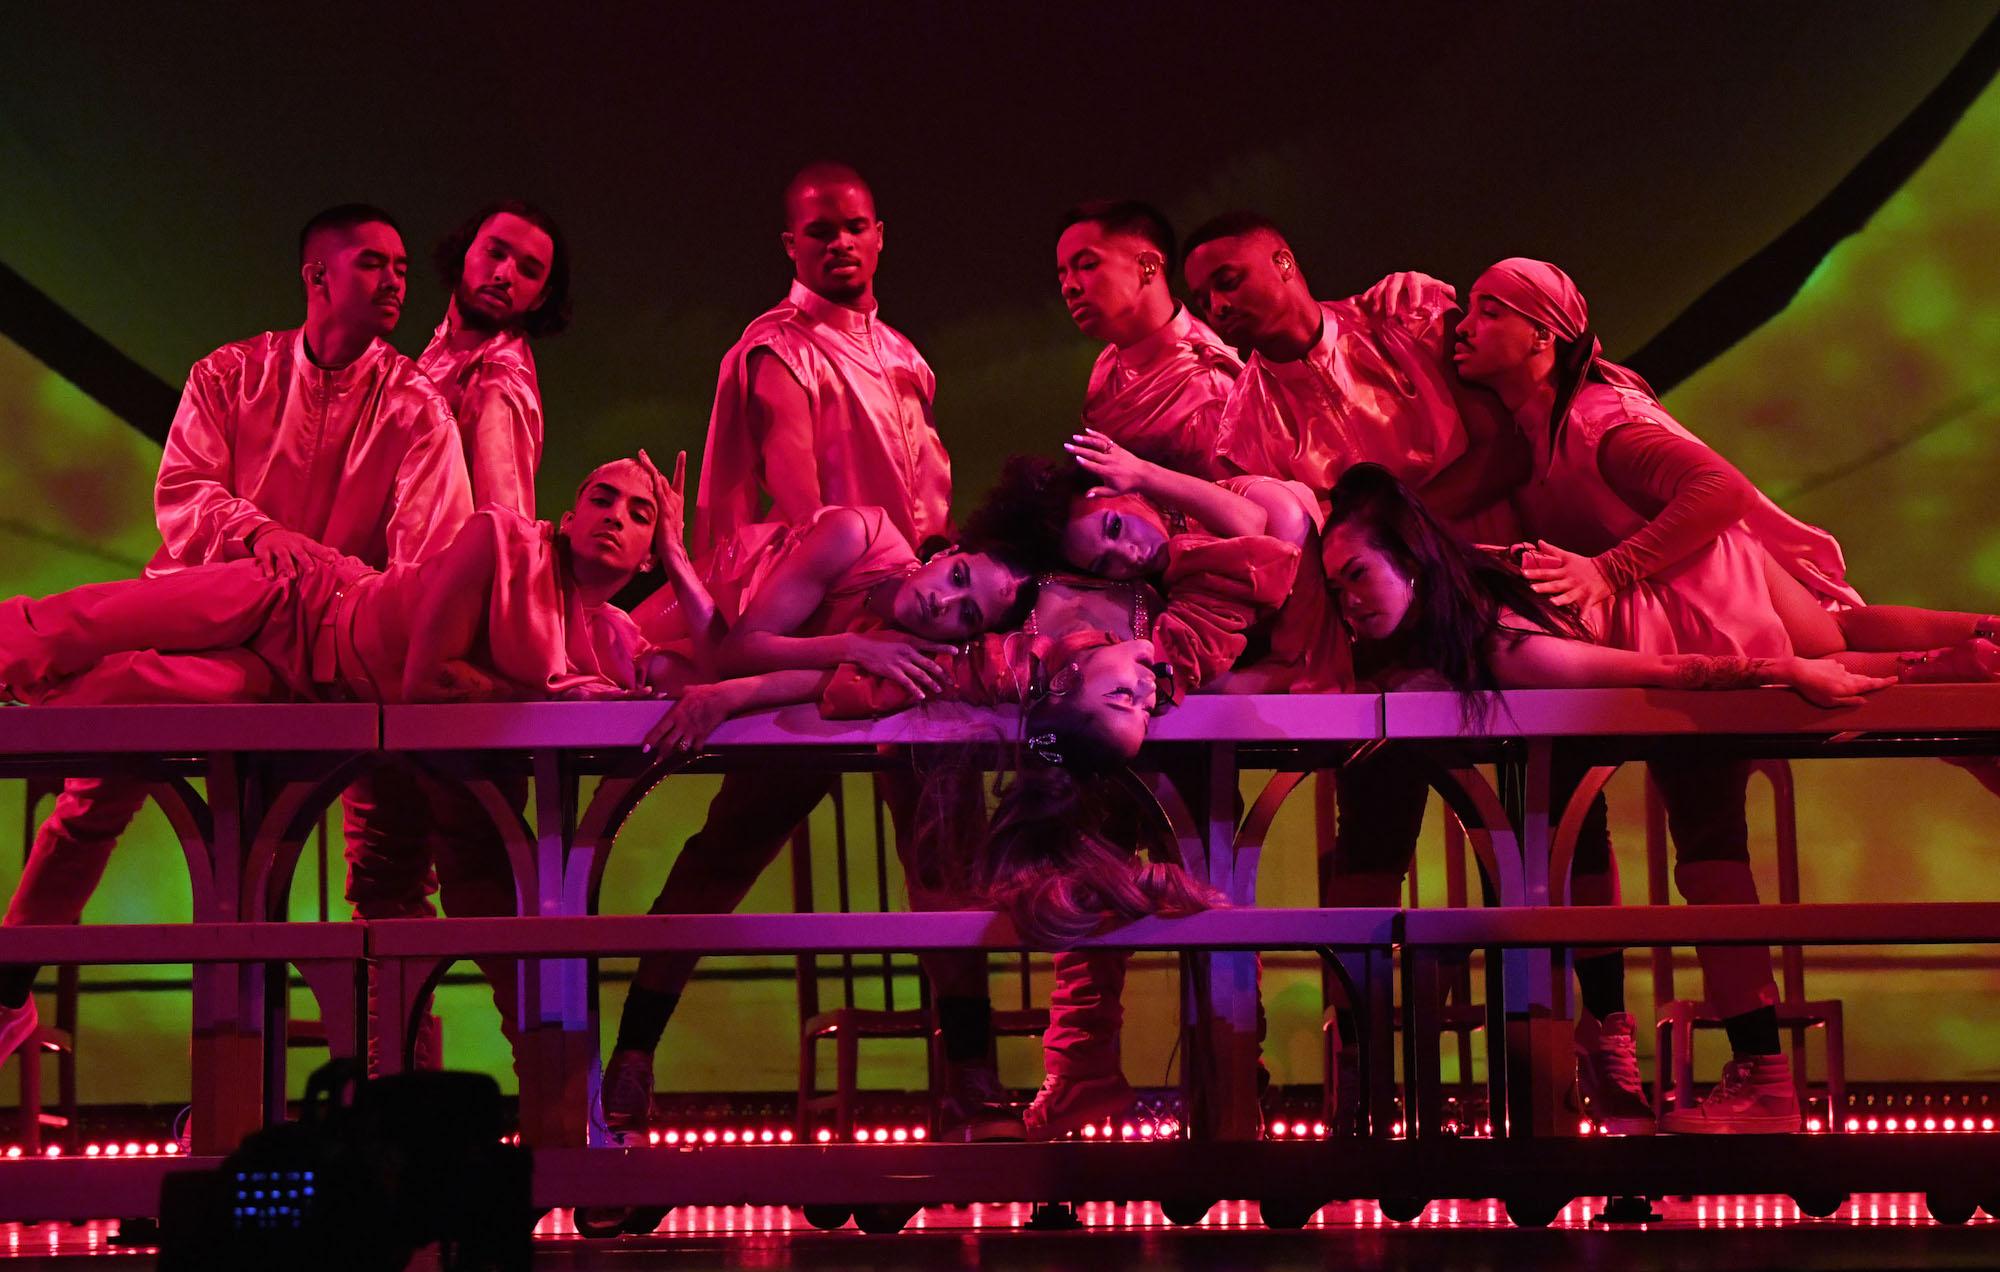 A foto mostra Ariana Grande deitada de cabeça para baixo em uma mesa longa. Ela está no centro, de olhos fechados. Seus cabelos castanhos são longos, na altura da cintura, e estão presos em um rabo de cavalo que cai sobre a mesa. Dez dançarinos se posicionam ao seu redor, sobre a mesa.